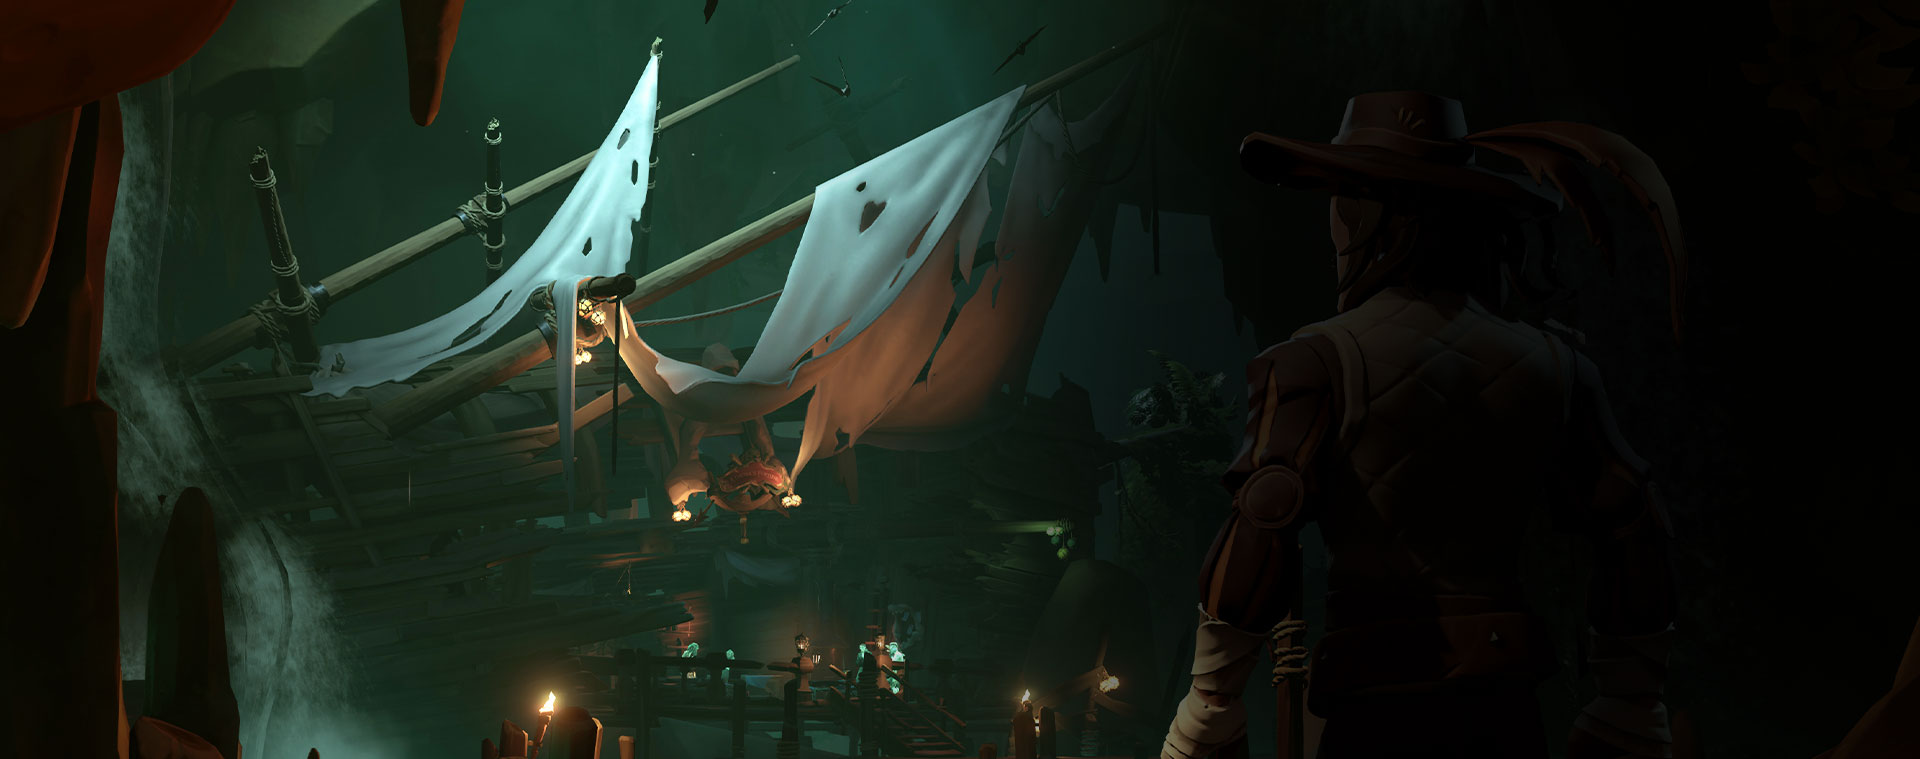 난파선을 보는 Sea of Thieves의 캐릭터